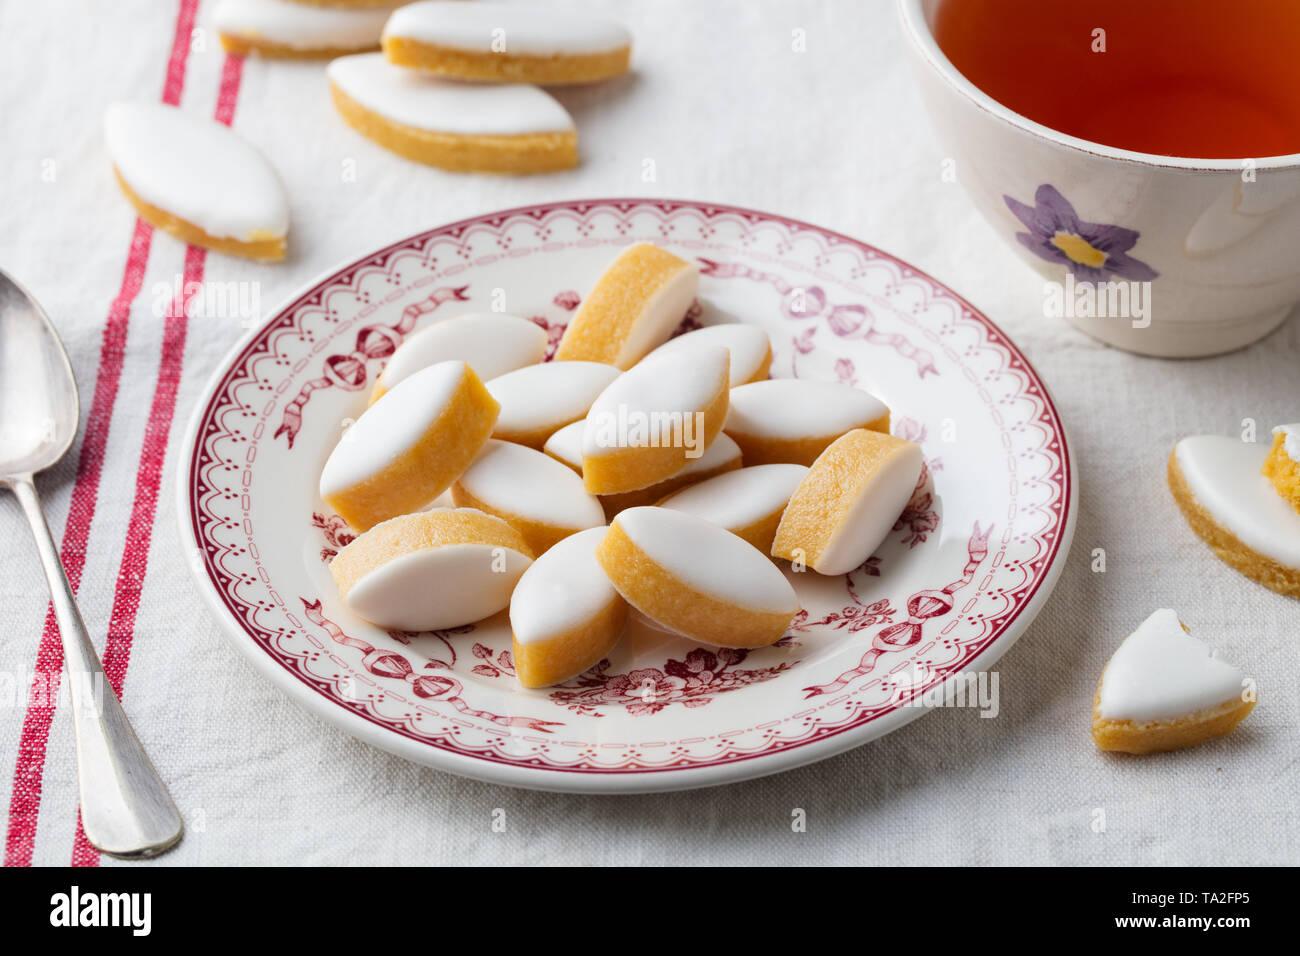 Calissons auf einem Teller. Traditionelle französische Provence Süßigkeiten mit Tasse Tee. Stockbild